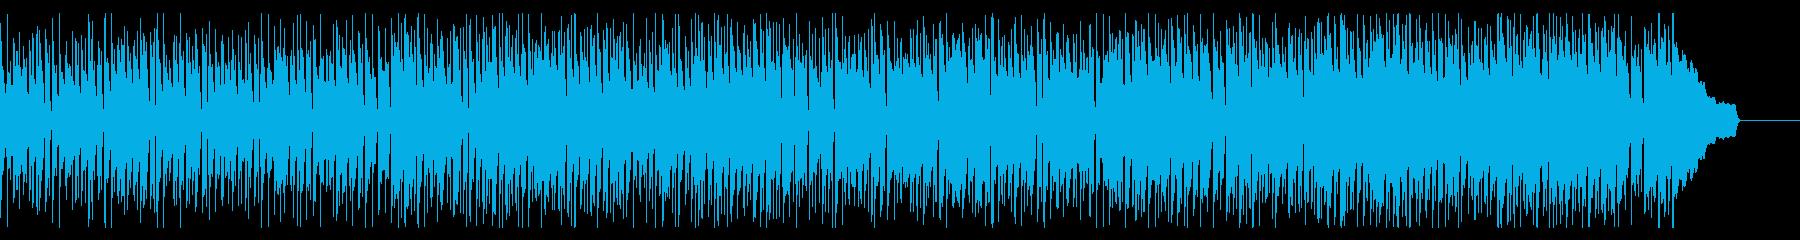 潮風の漂うボサノバの再生済みの波形